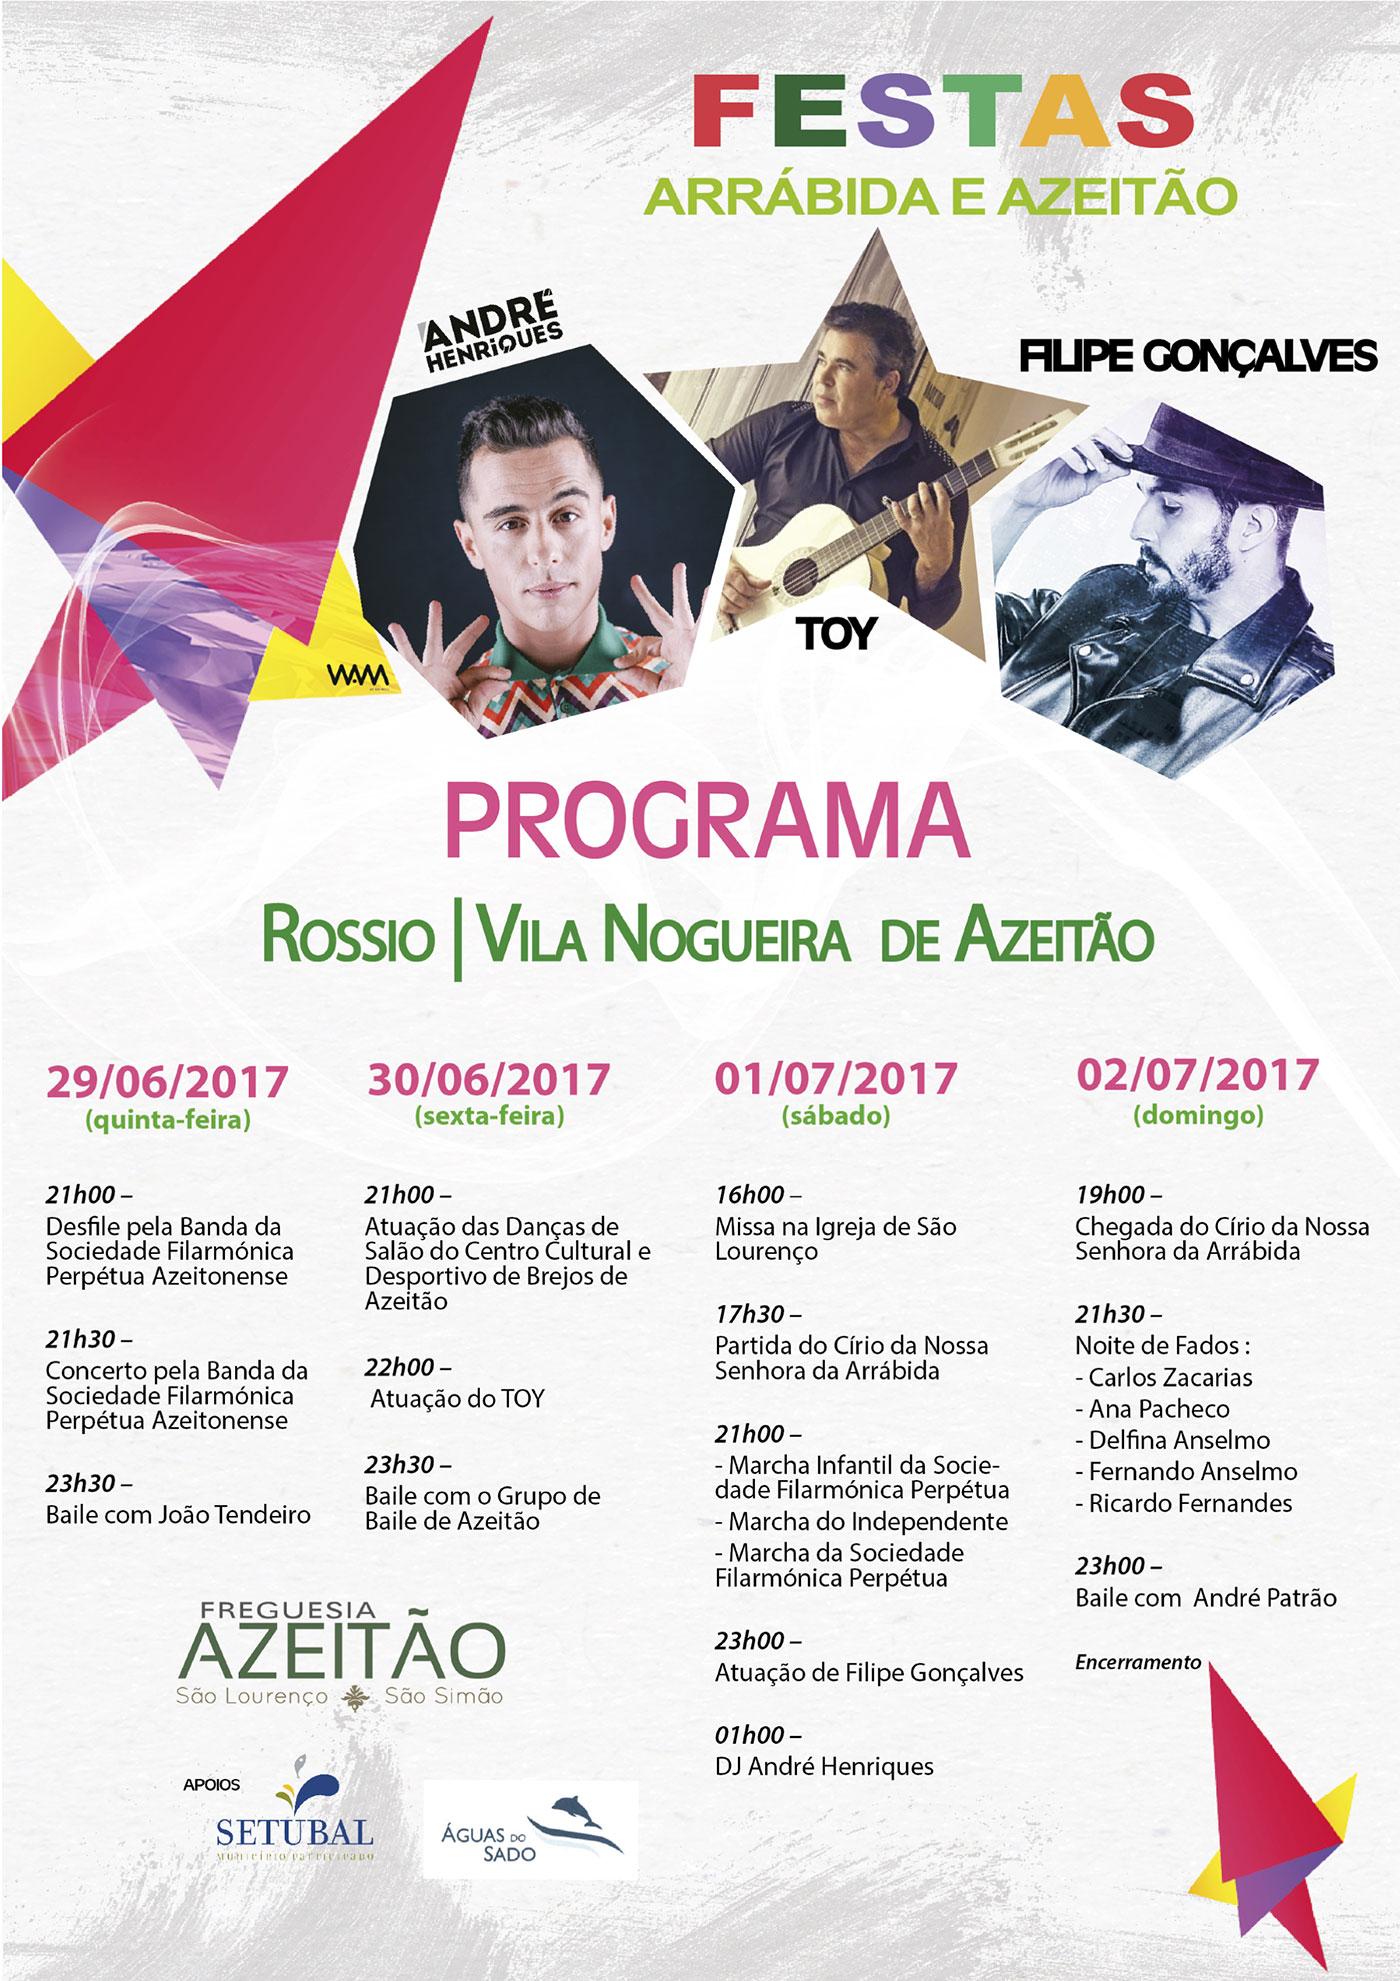 Programa-Festas-da-Arrabida-e-Azeitao